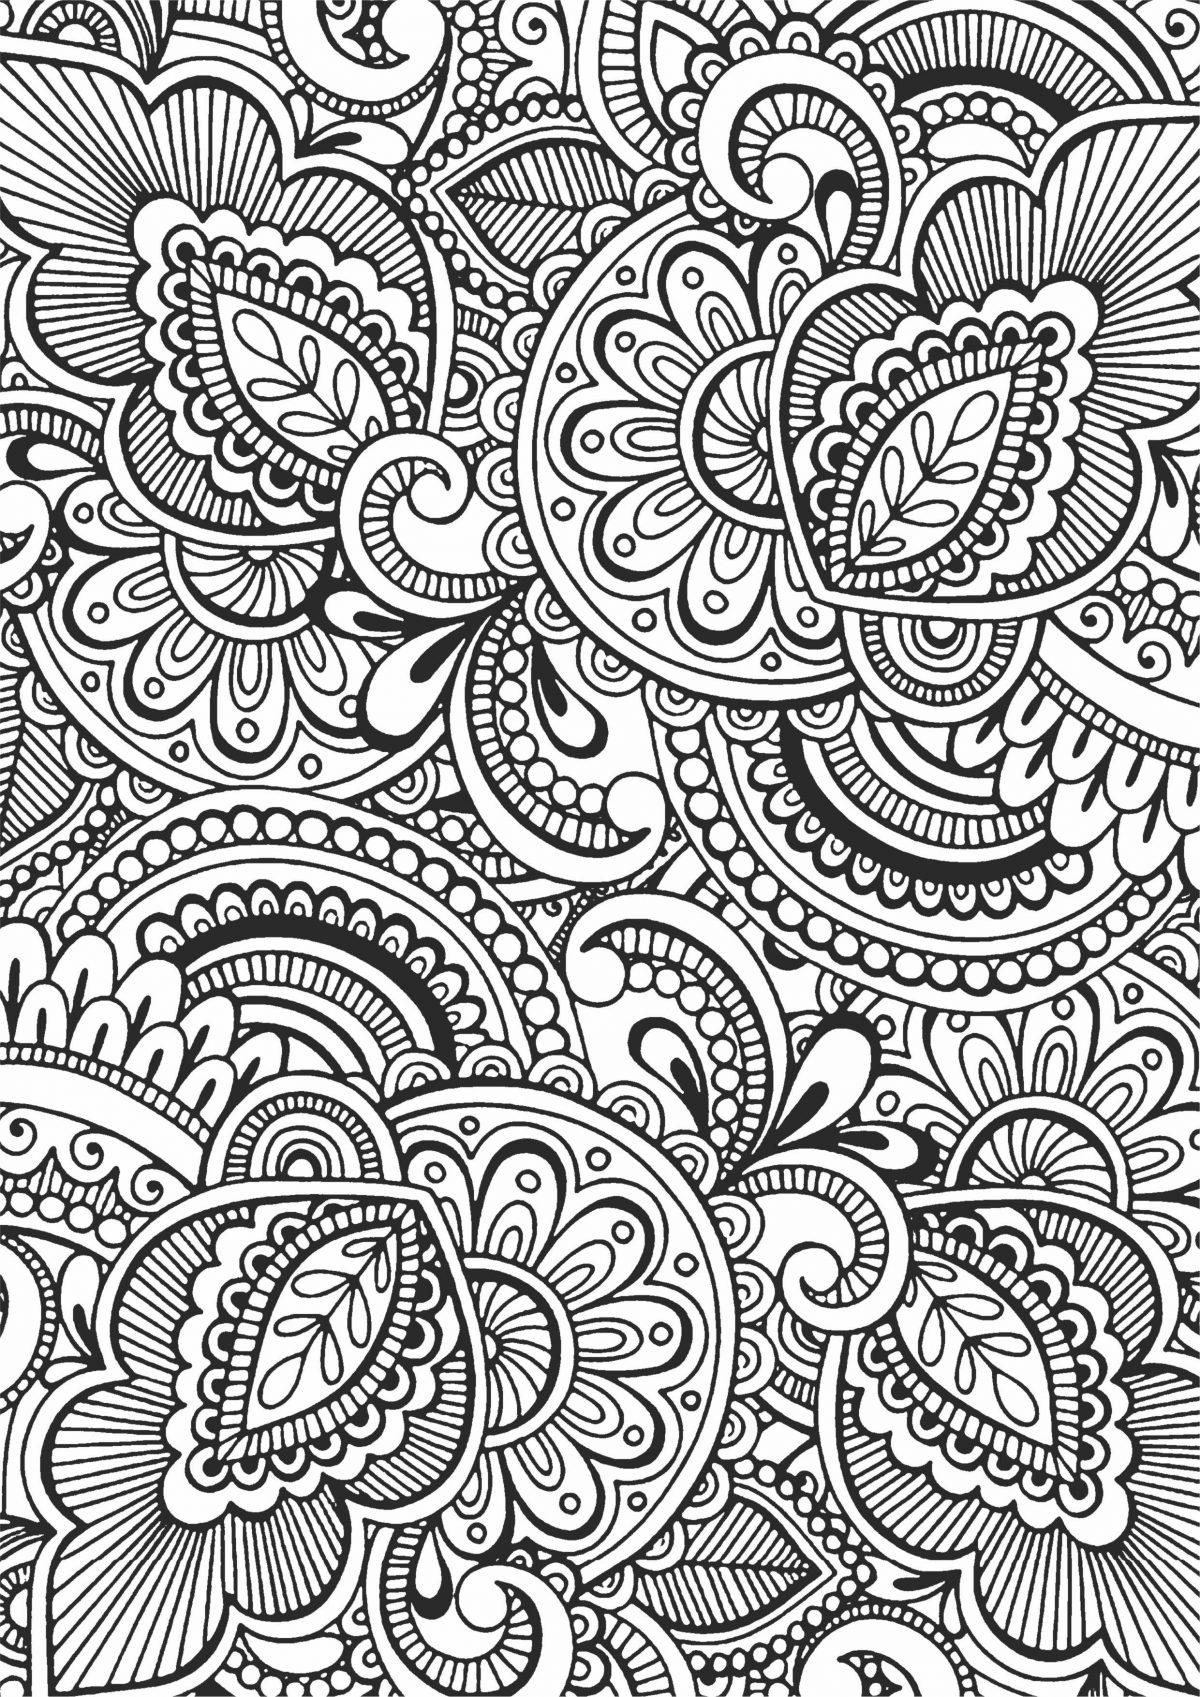 Раскраска антистресс сложные узоры - Раскраски А4 формата ...